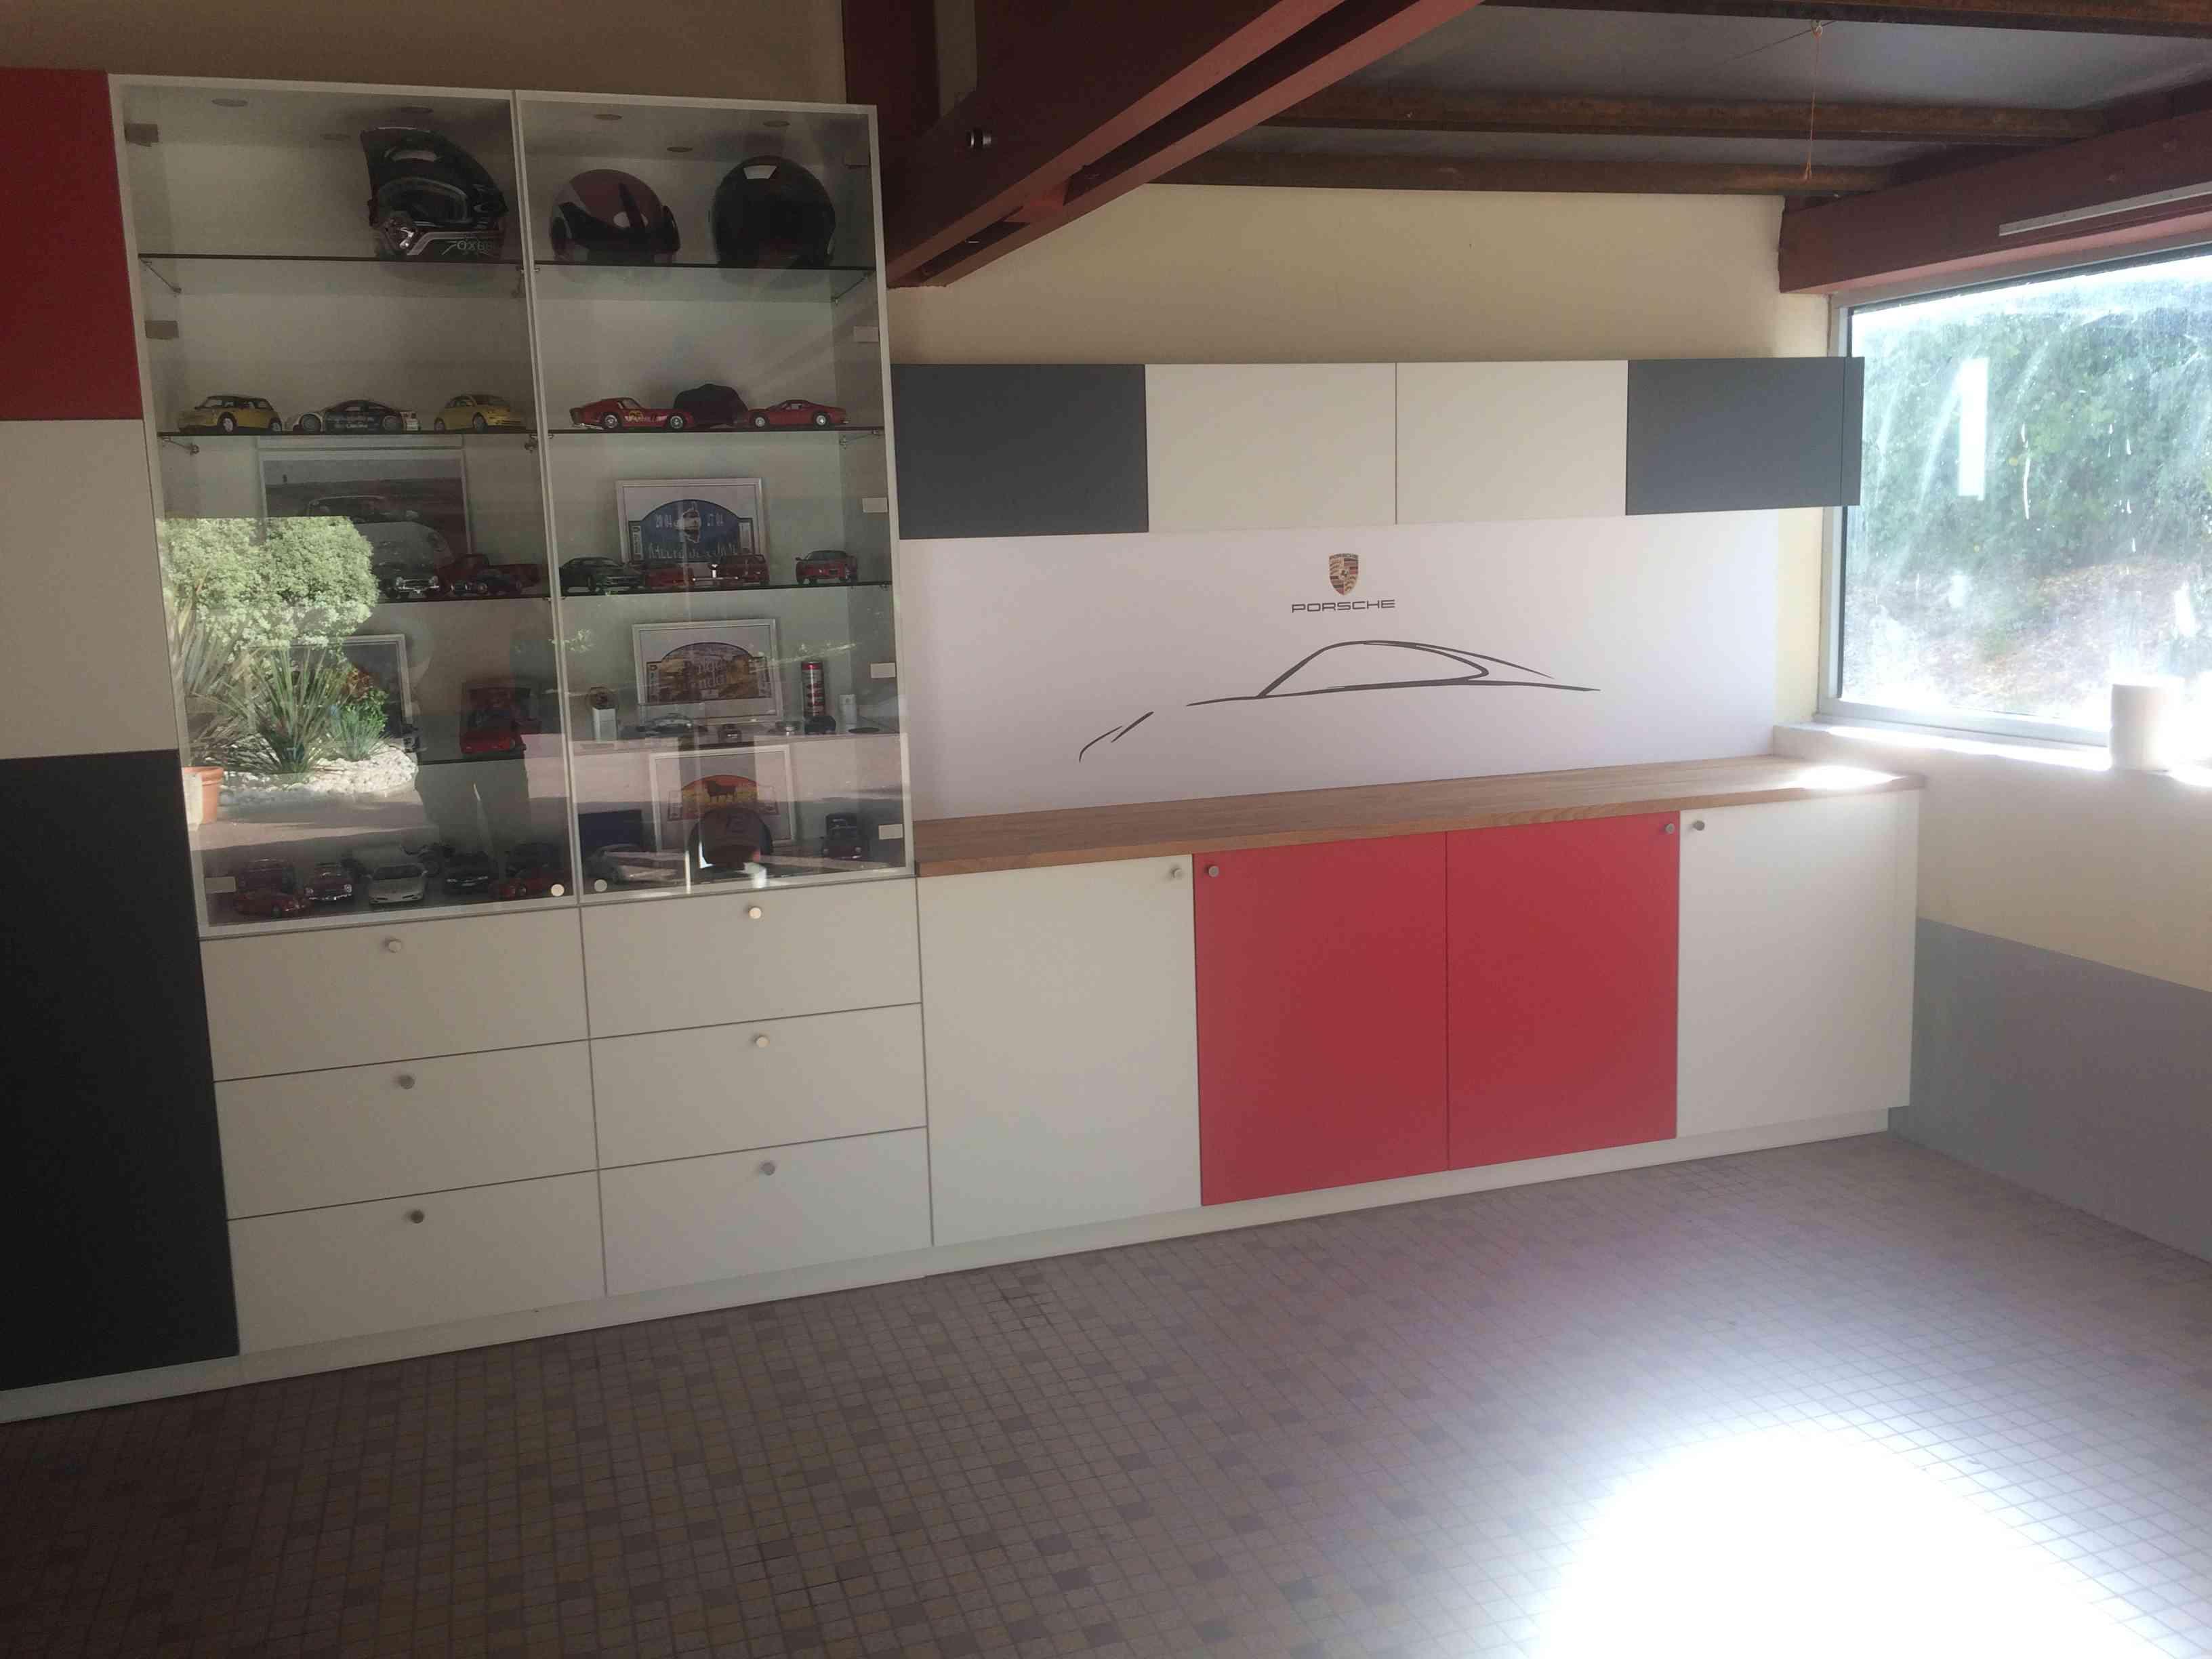 1 Agencement garage passionné porsche 5 - Les agencements atypiques